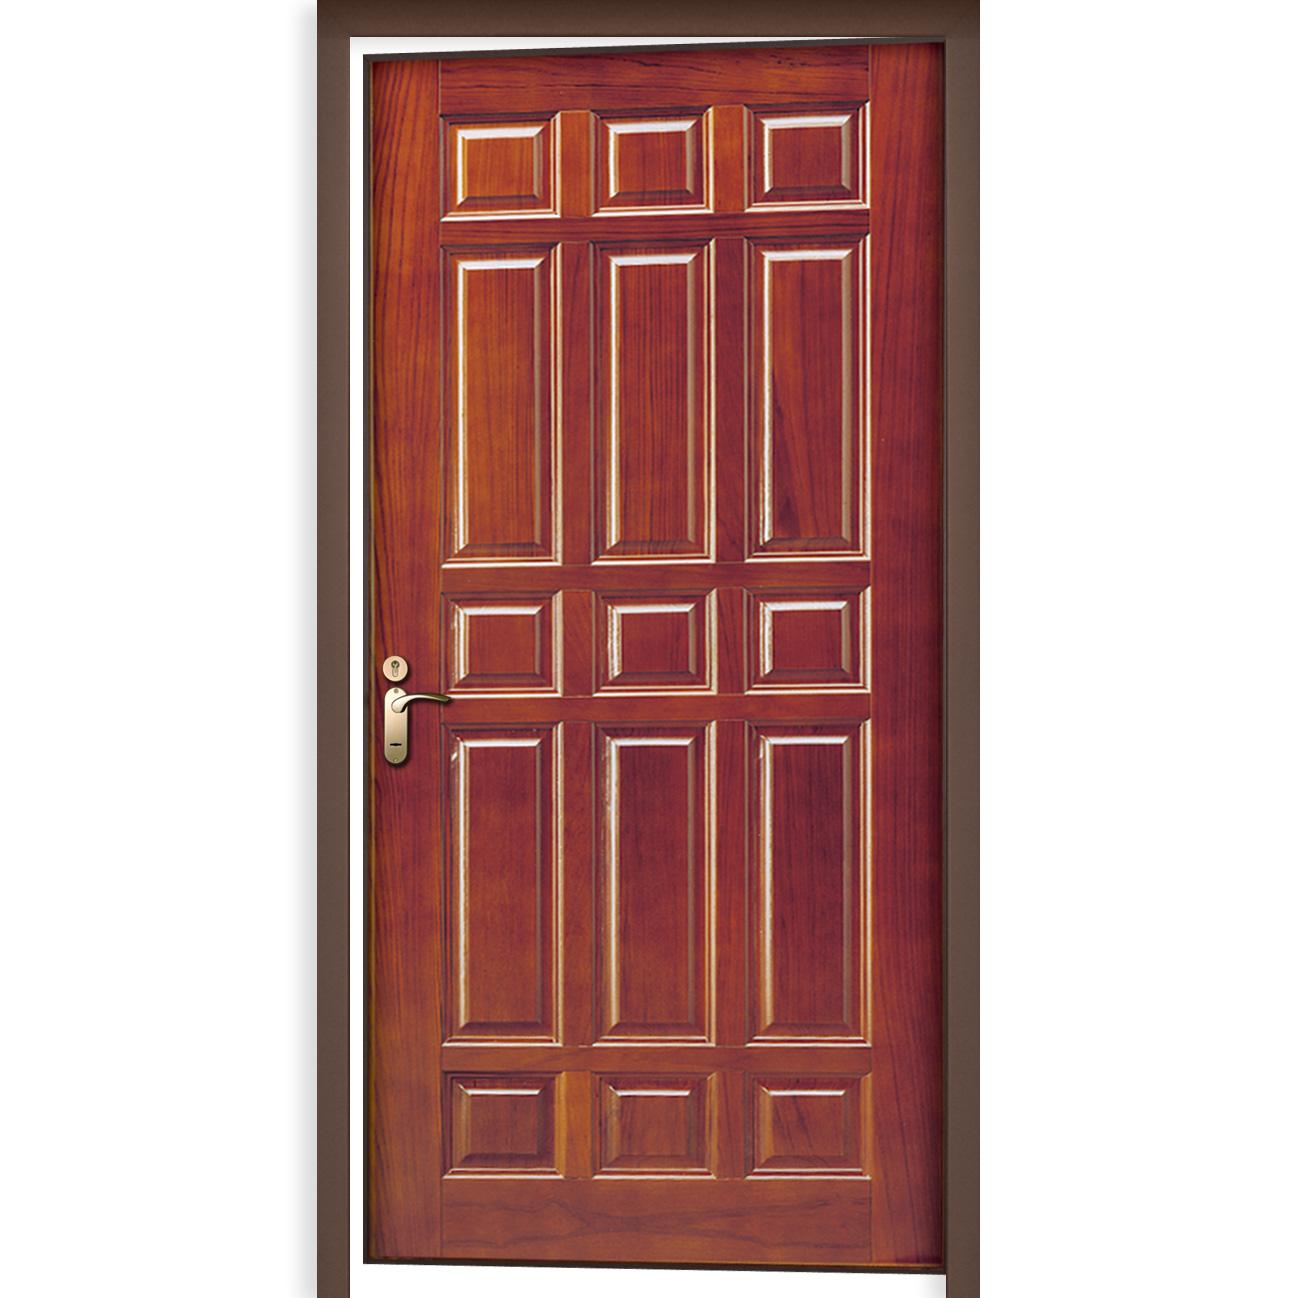 Steel Wooden Door : Wood encased steel door single prolumis